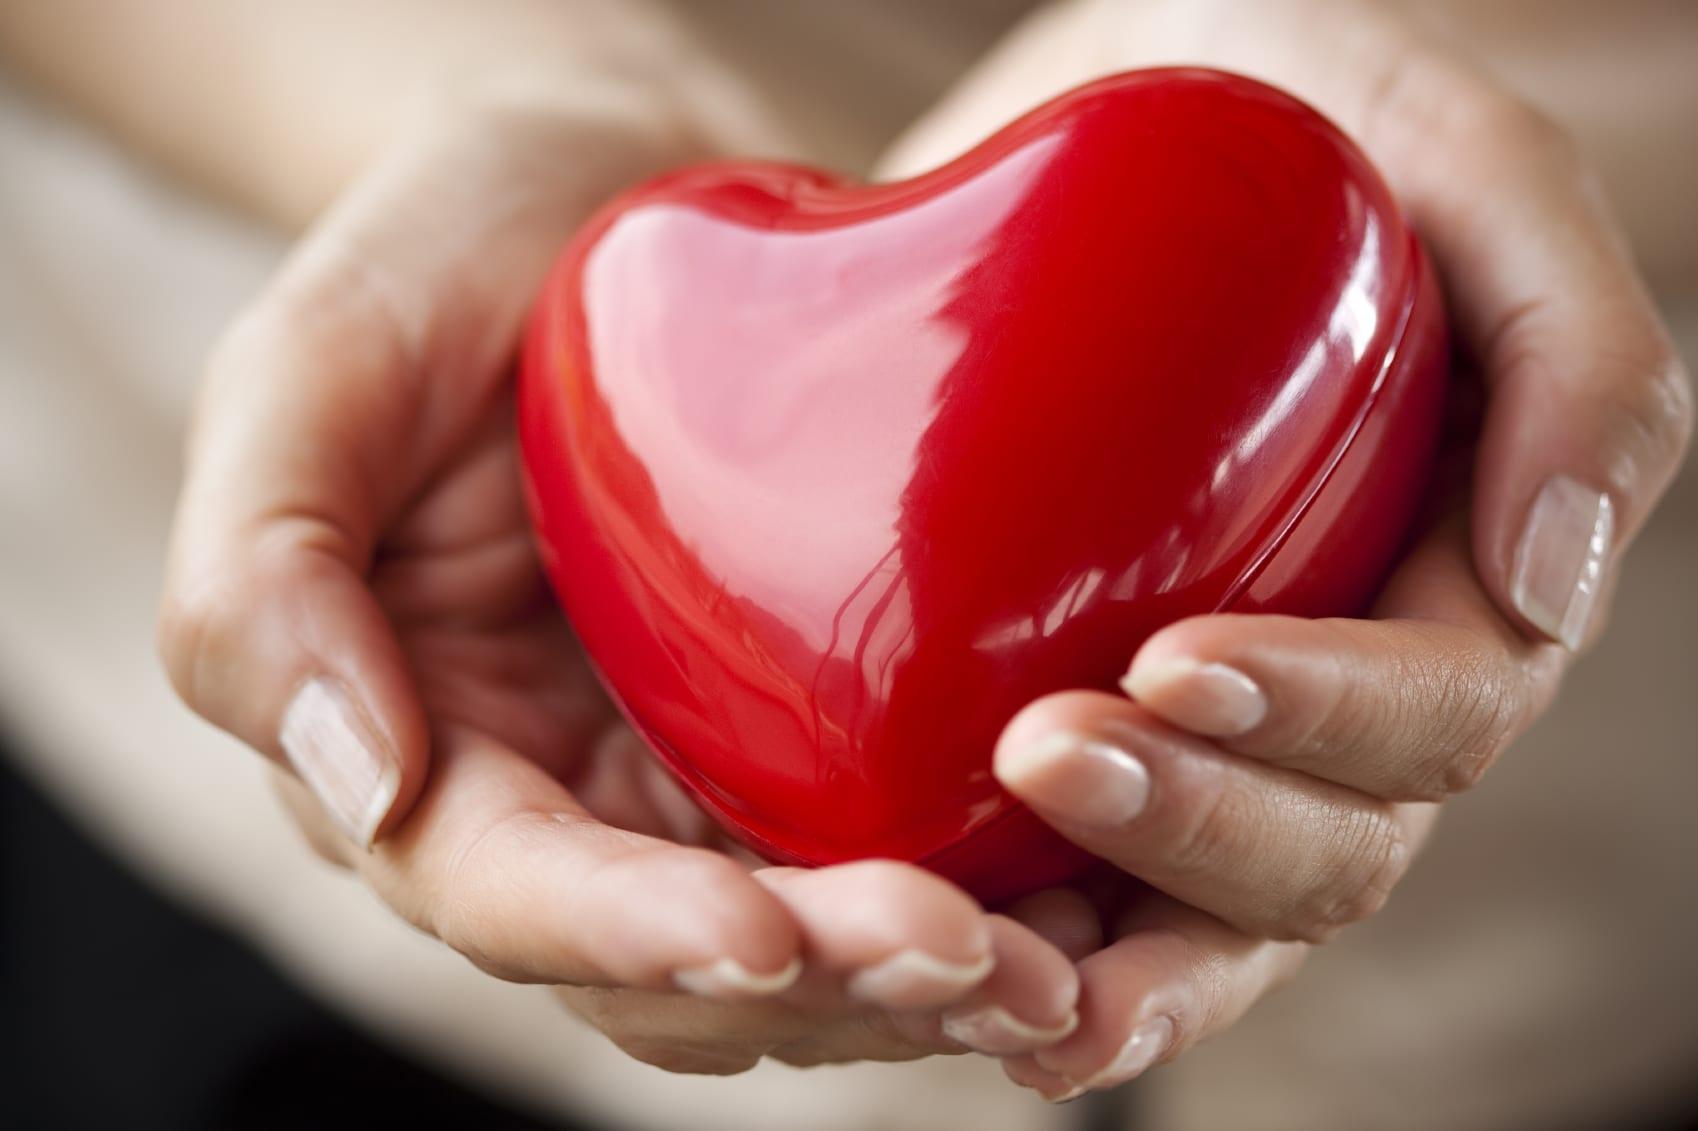 פעילות תקינה של הלב